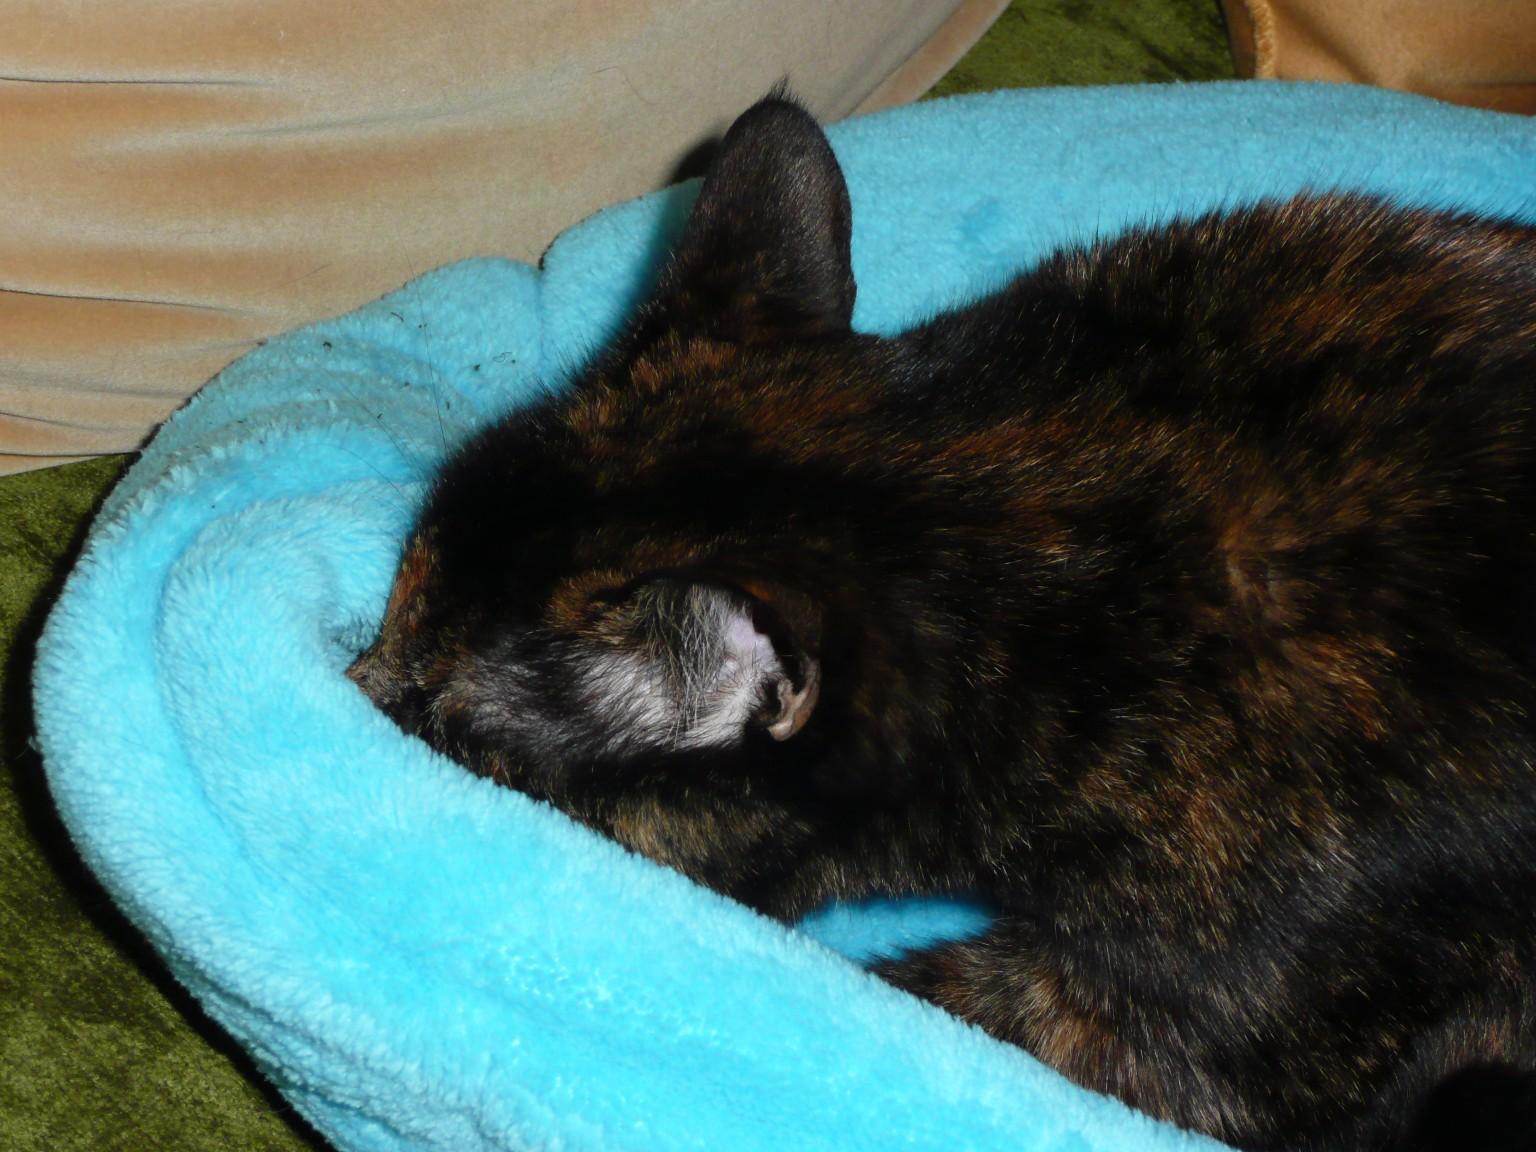 Coussin pour chat en polaire douce